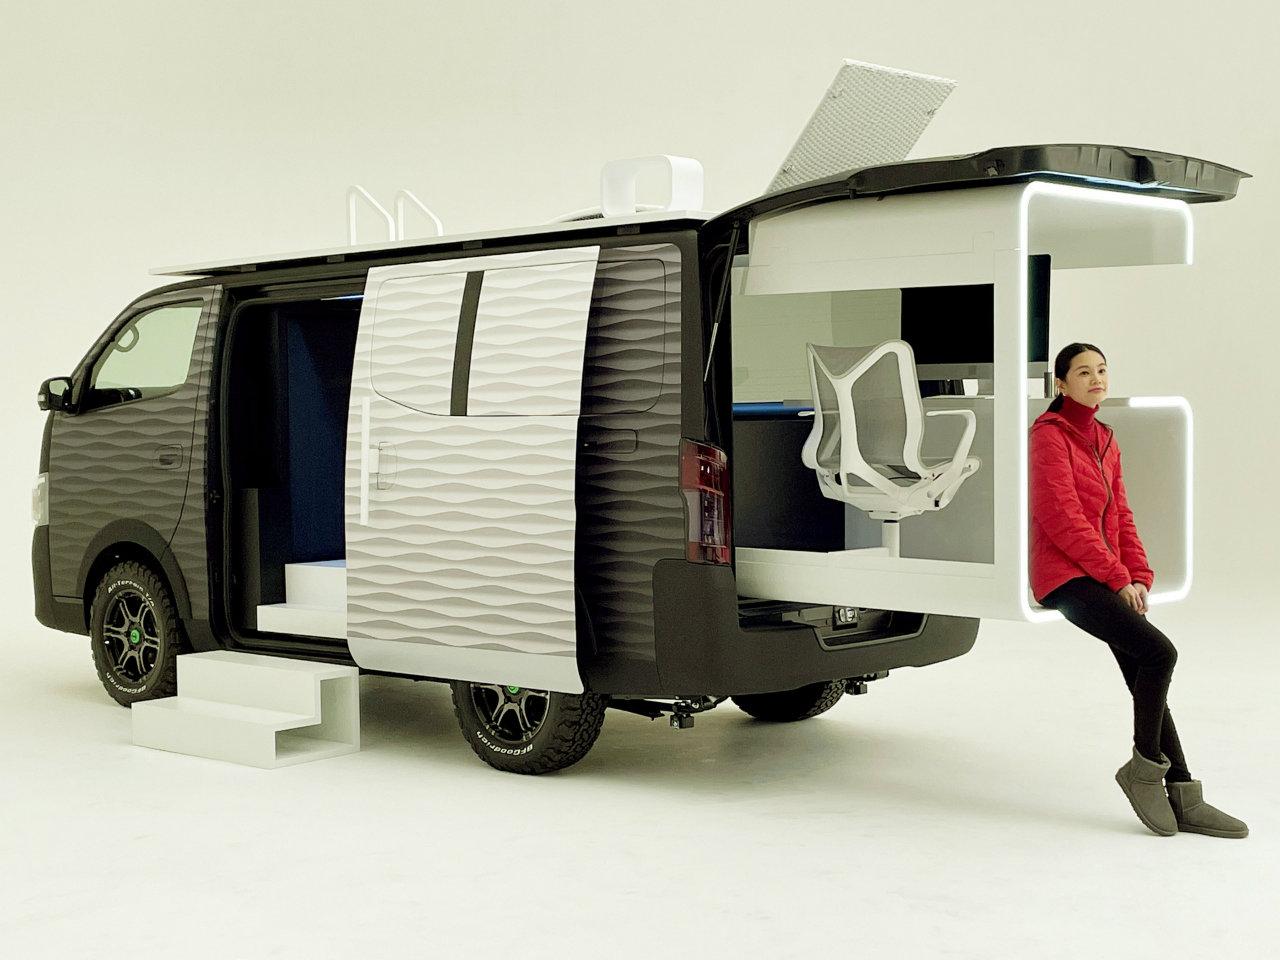 کانسپت نیسان NV350 Office Pod معرفی شد؛ یک دفتر کار متحرک برای دورکاری